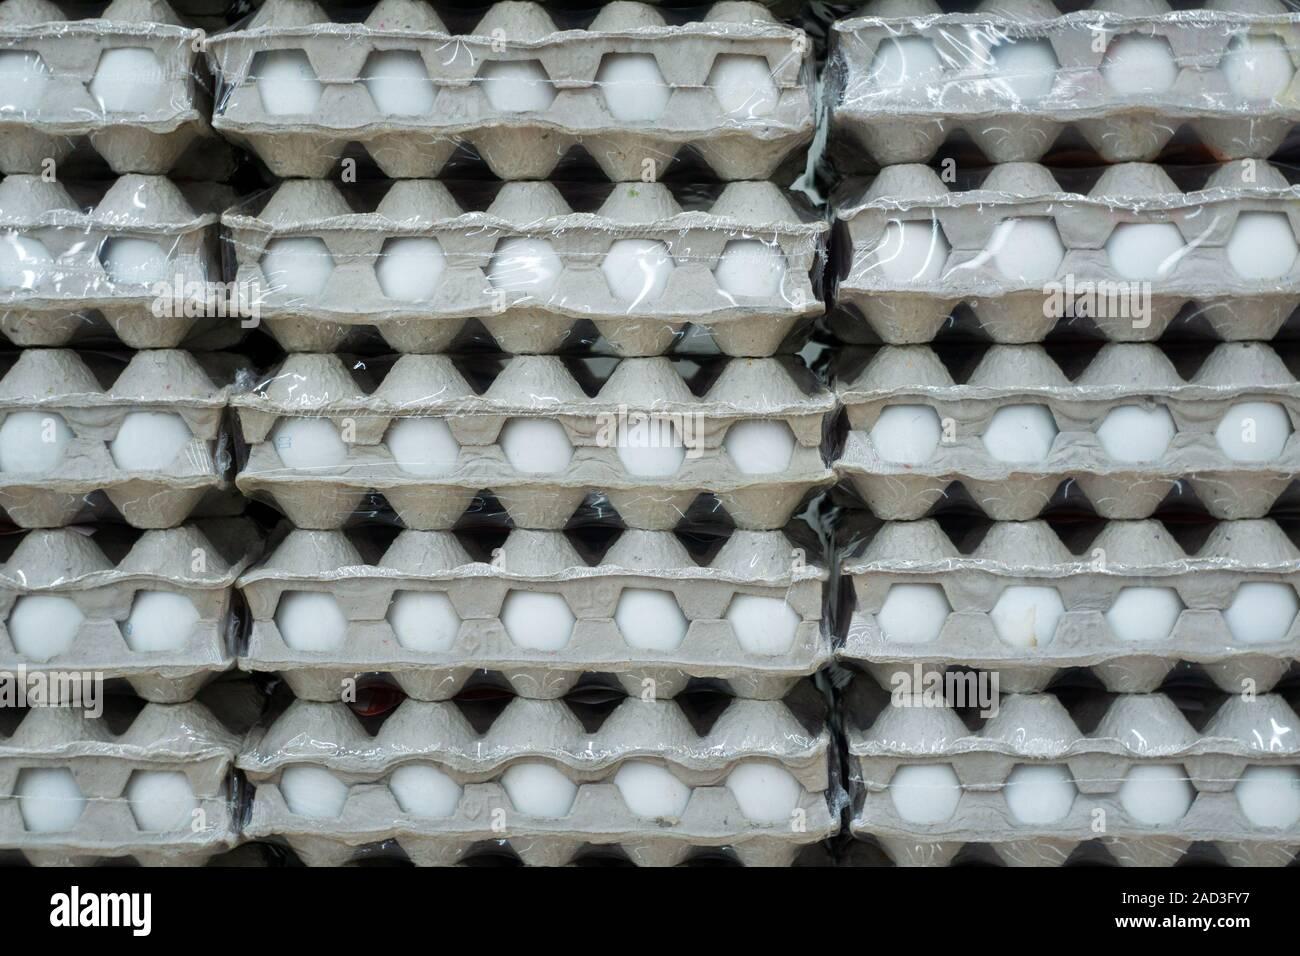 Nombre de boîtes d'oeufs affichée sur étagère de supermarché pour la vente. Banque D'Images